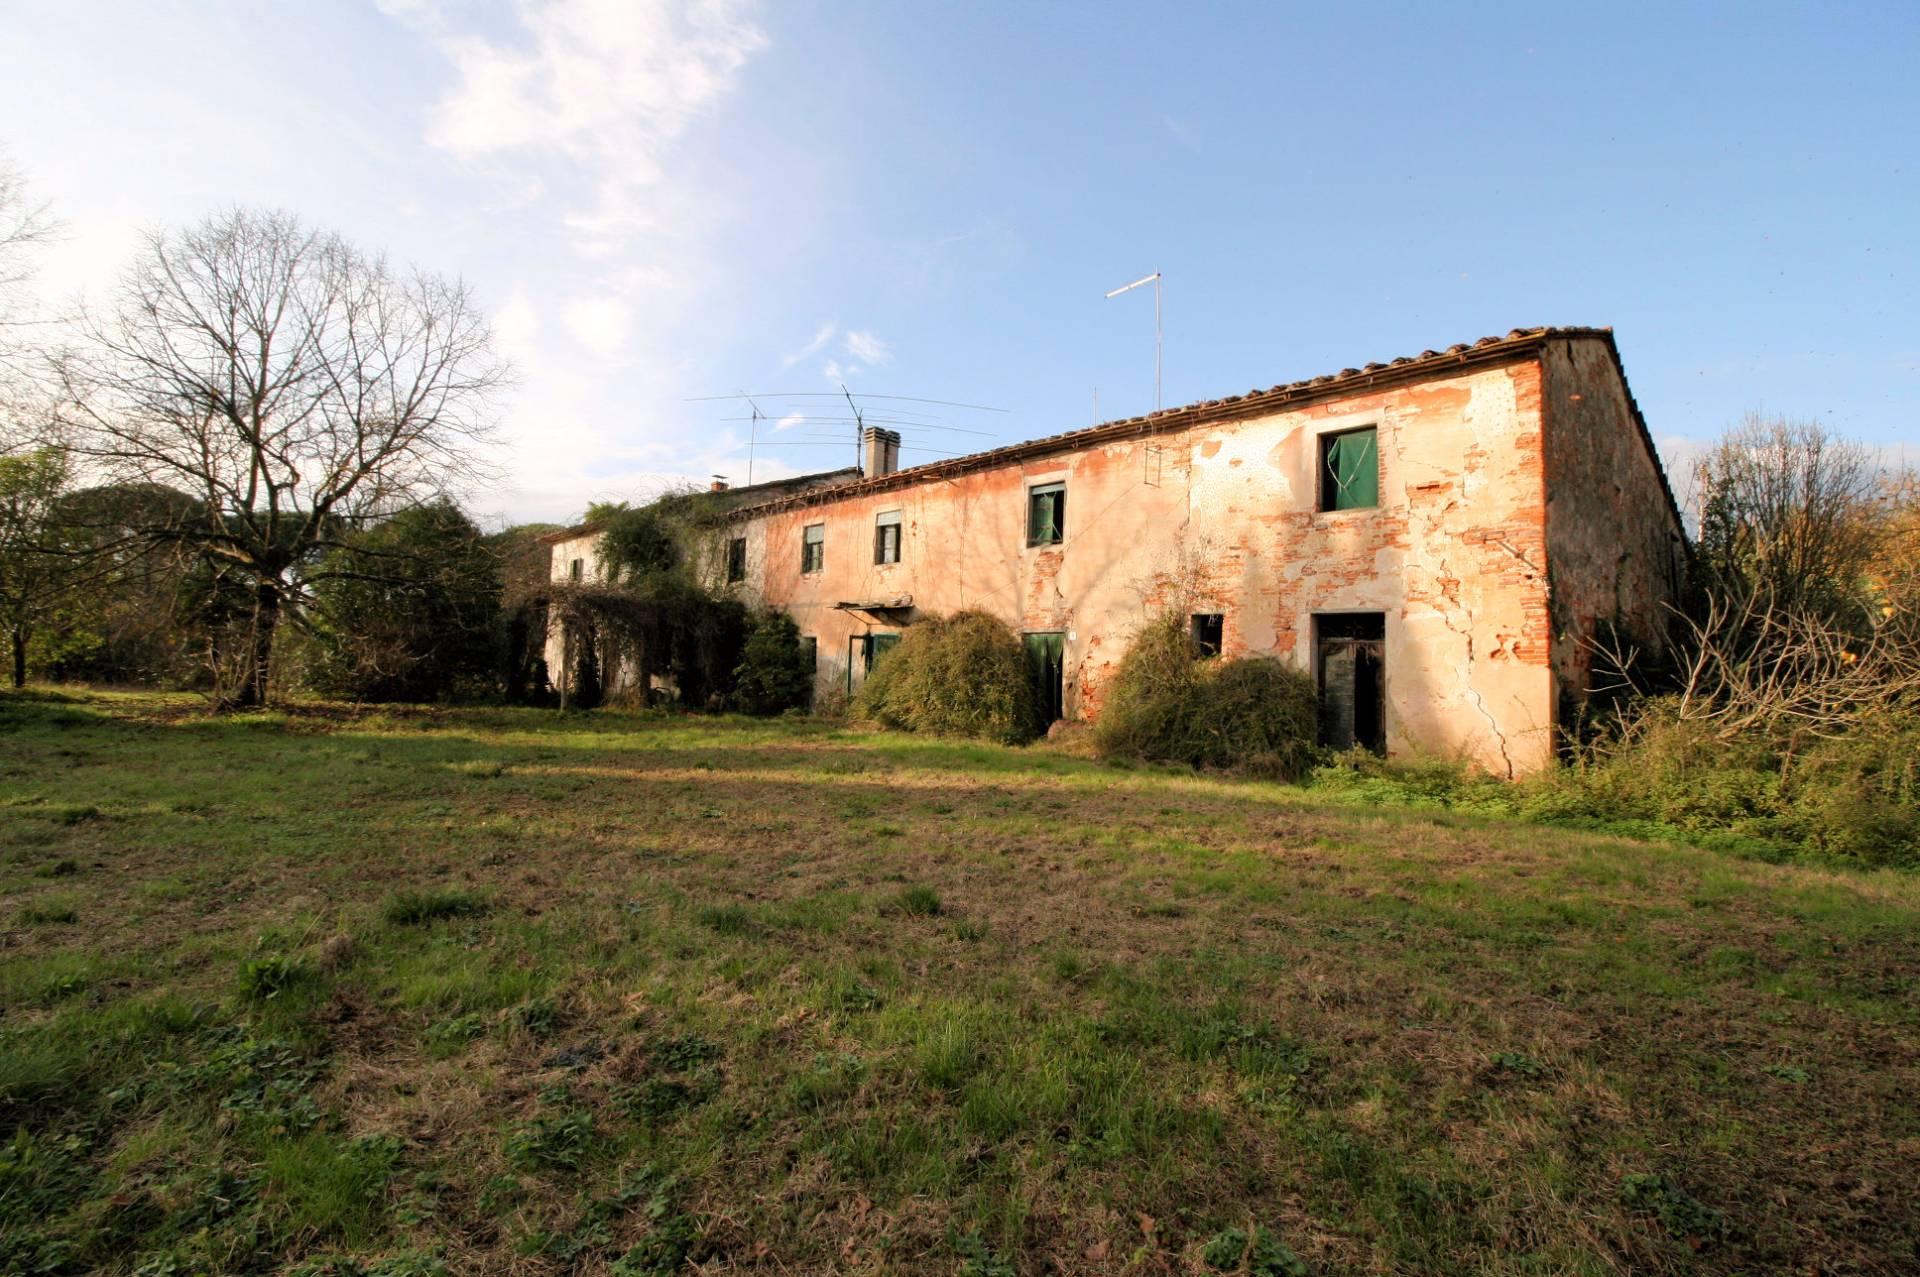 Rustico / Casale in vendita a Altopascio, 25 locali, zona Zona: Spianate, prezzo € 290.000 | CambioCasa.it